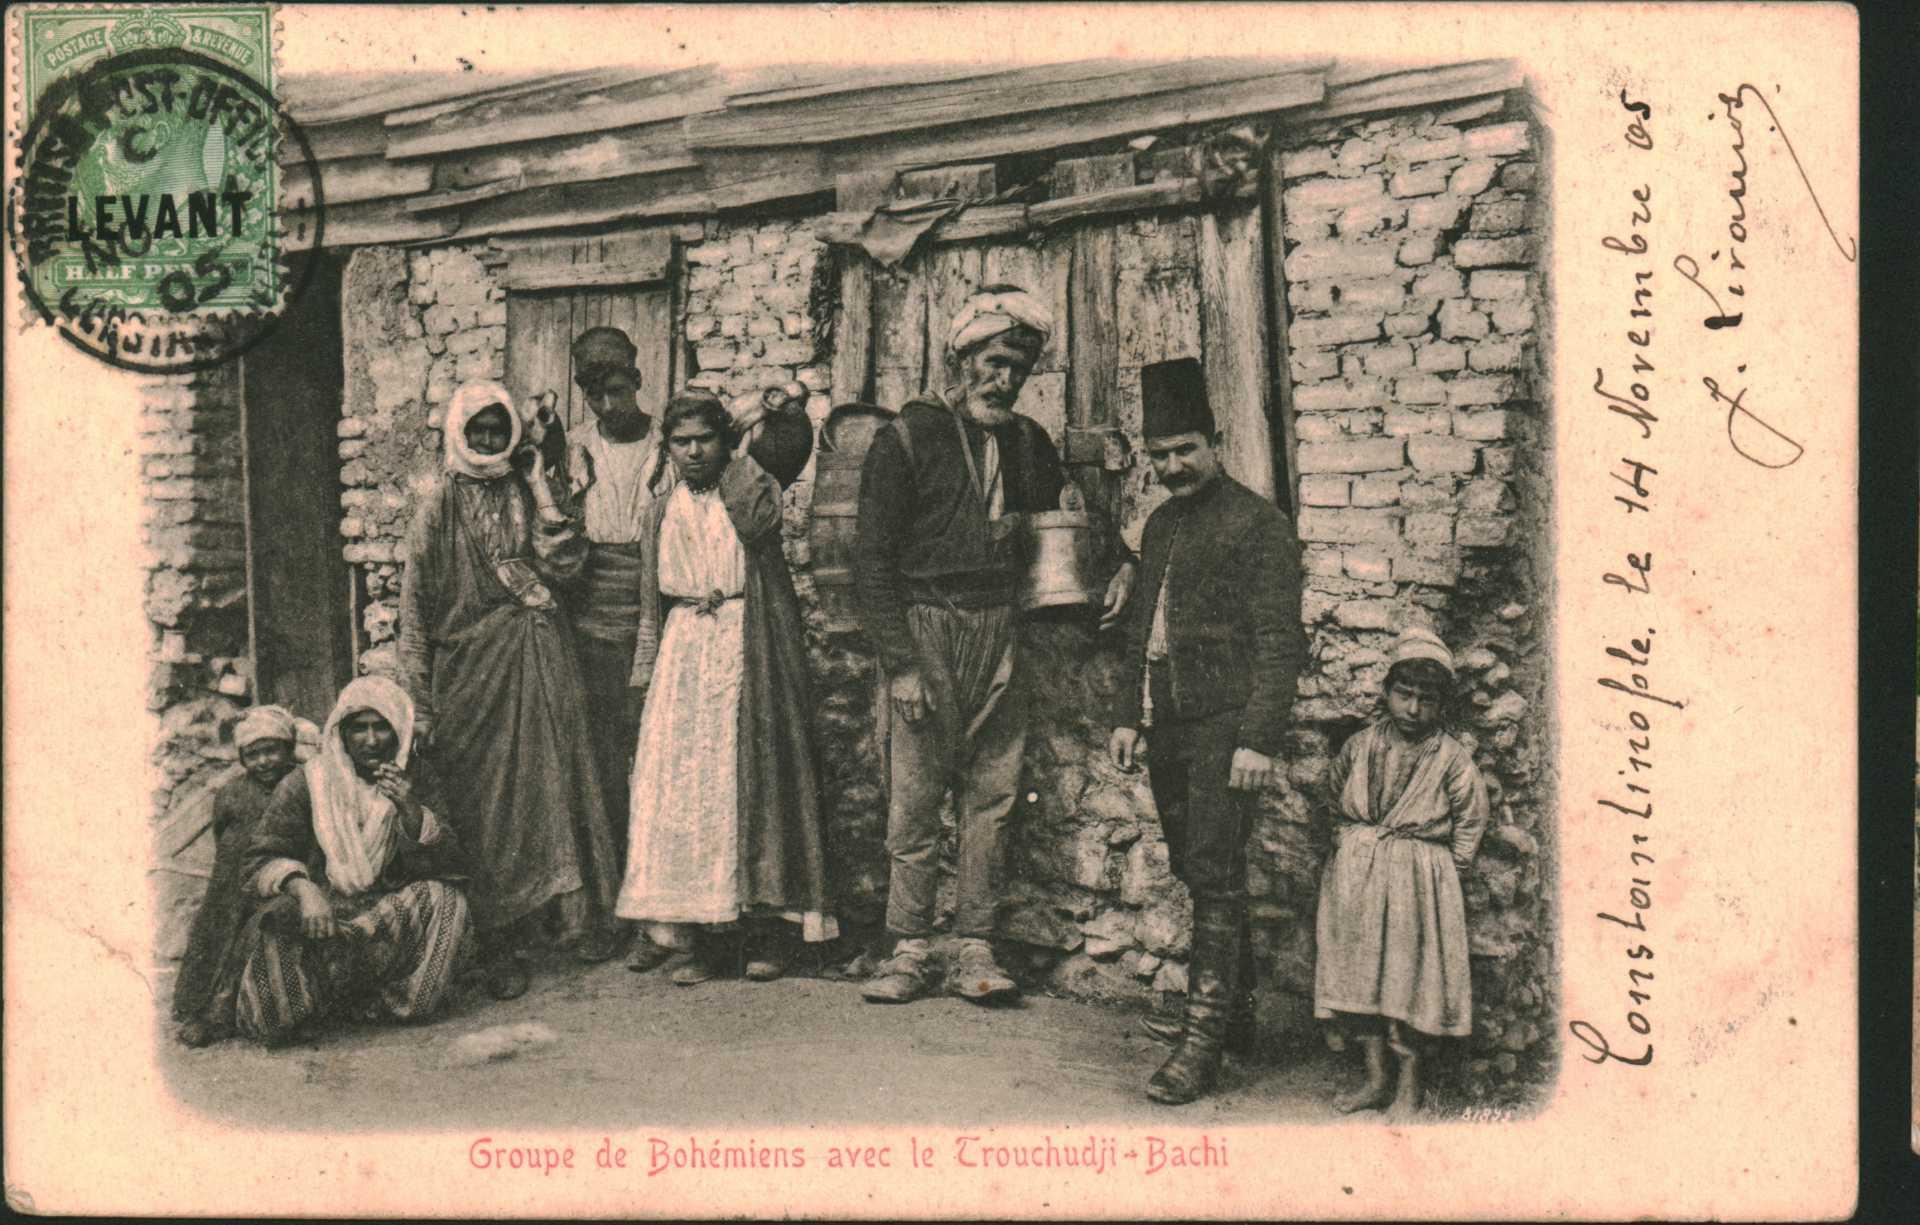 Groupe de Bohemiens avec le Trouchudji – Bachi